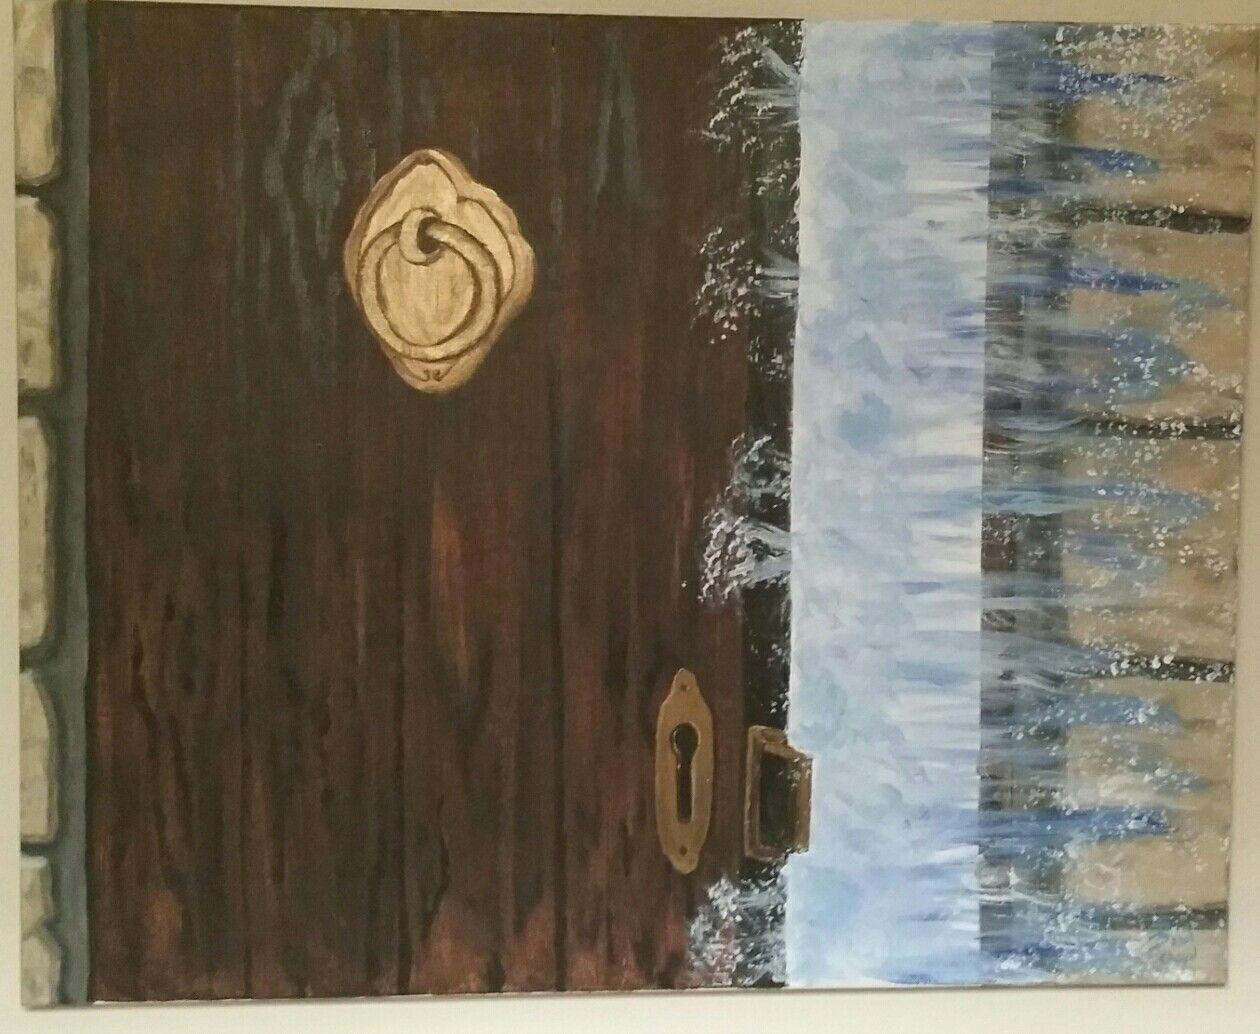 Breakthrough Acrylic Abstract Door Knocker Door Knocker Water Wood Wood Door Brown Copper Blue Painting Art Wall Art Art Abstract Prophetic Art